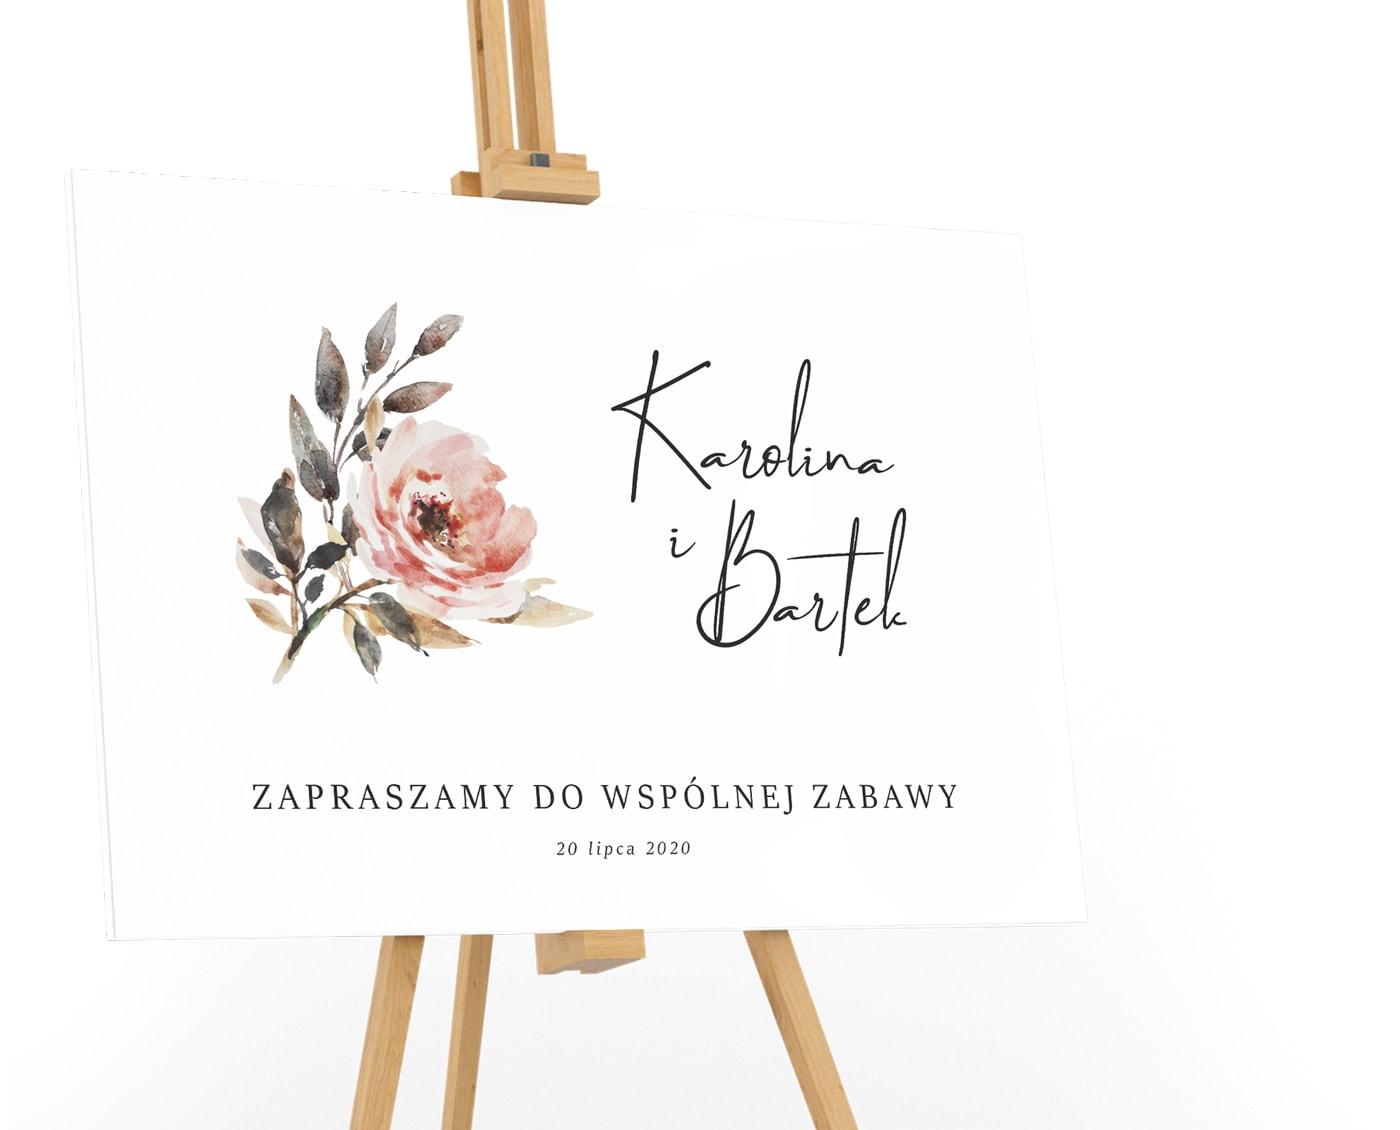 Tablica powitalna na ślub z duża różą w pastelowych kolorach